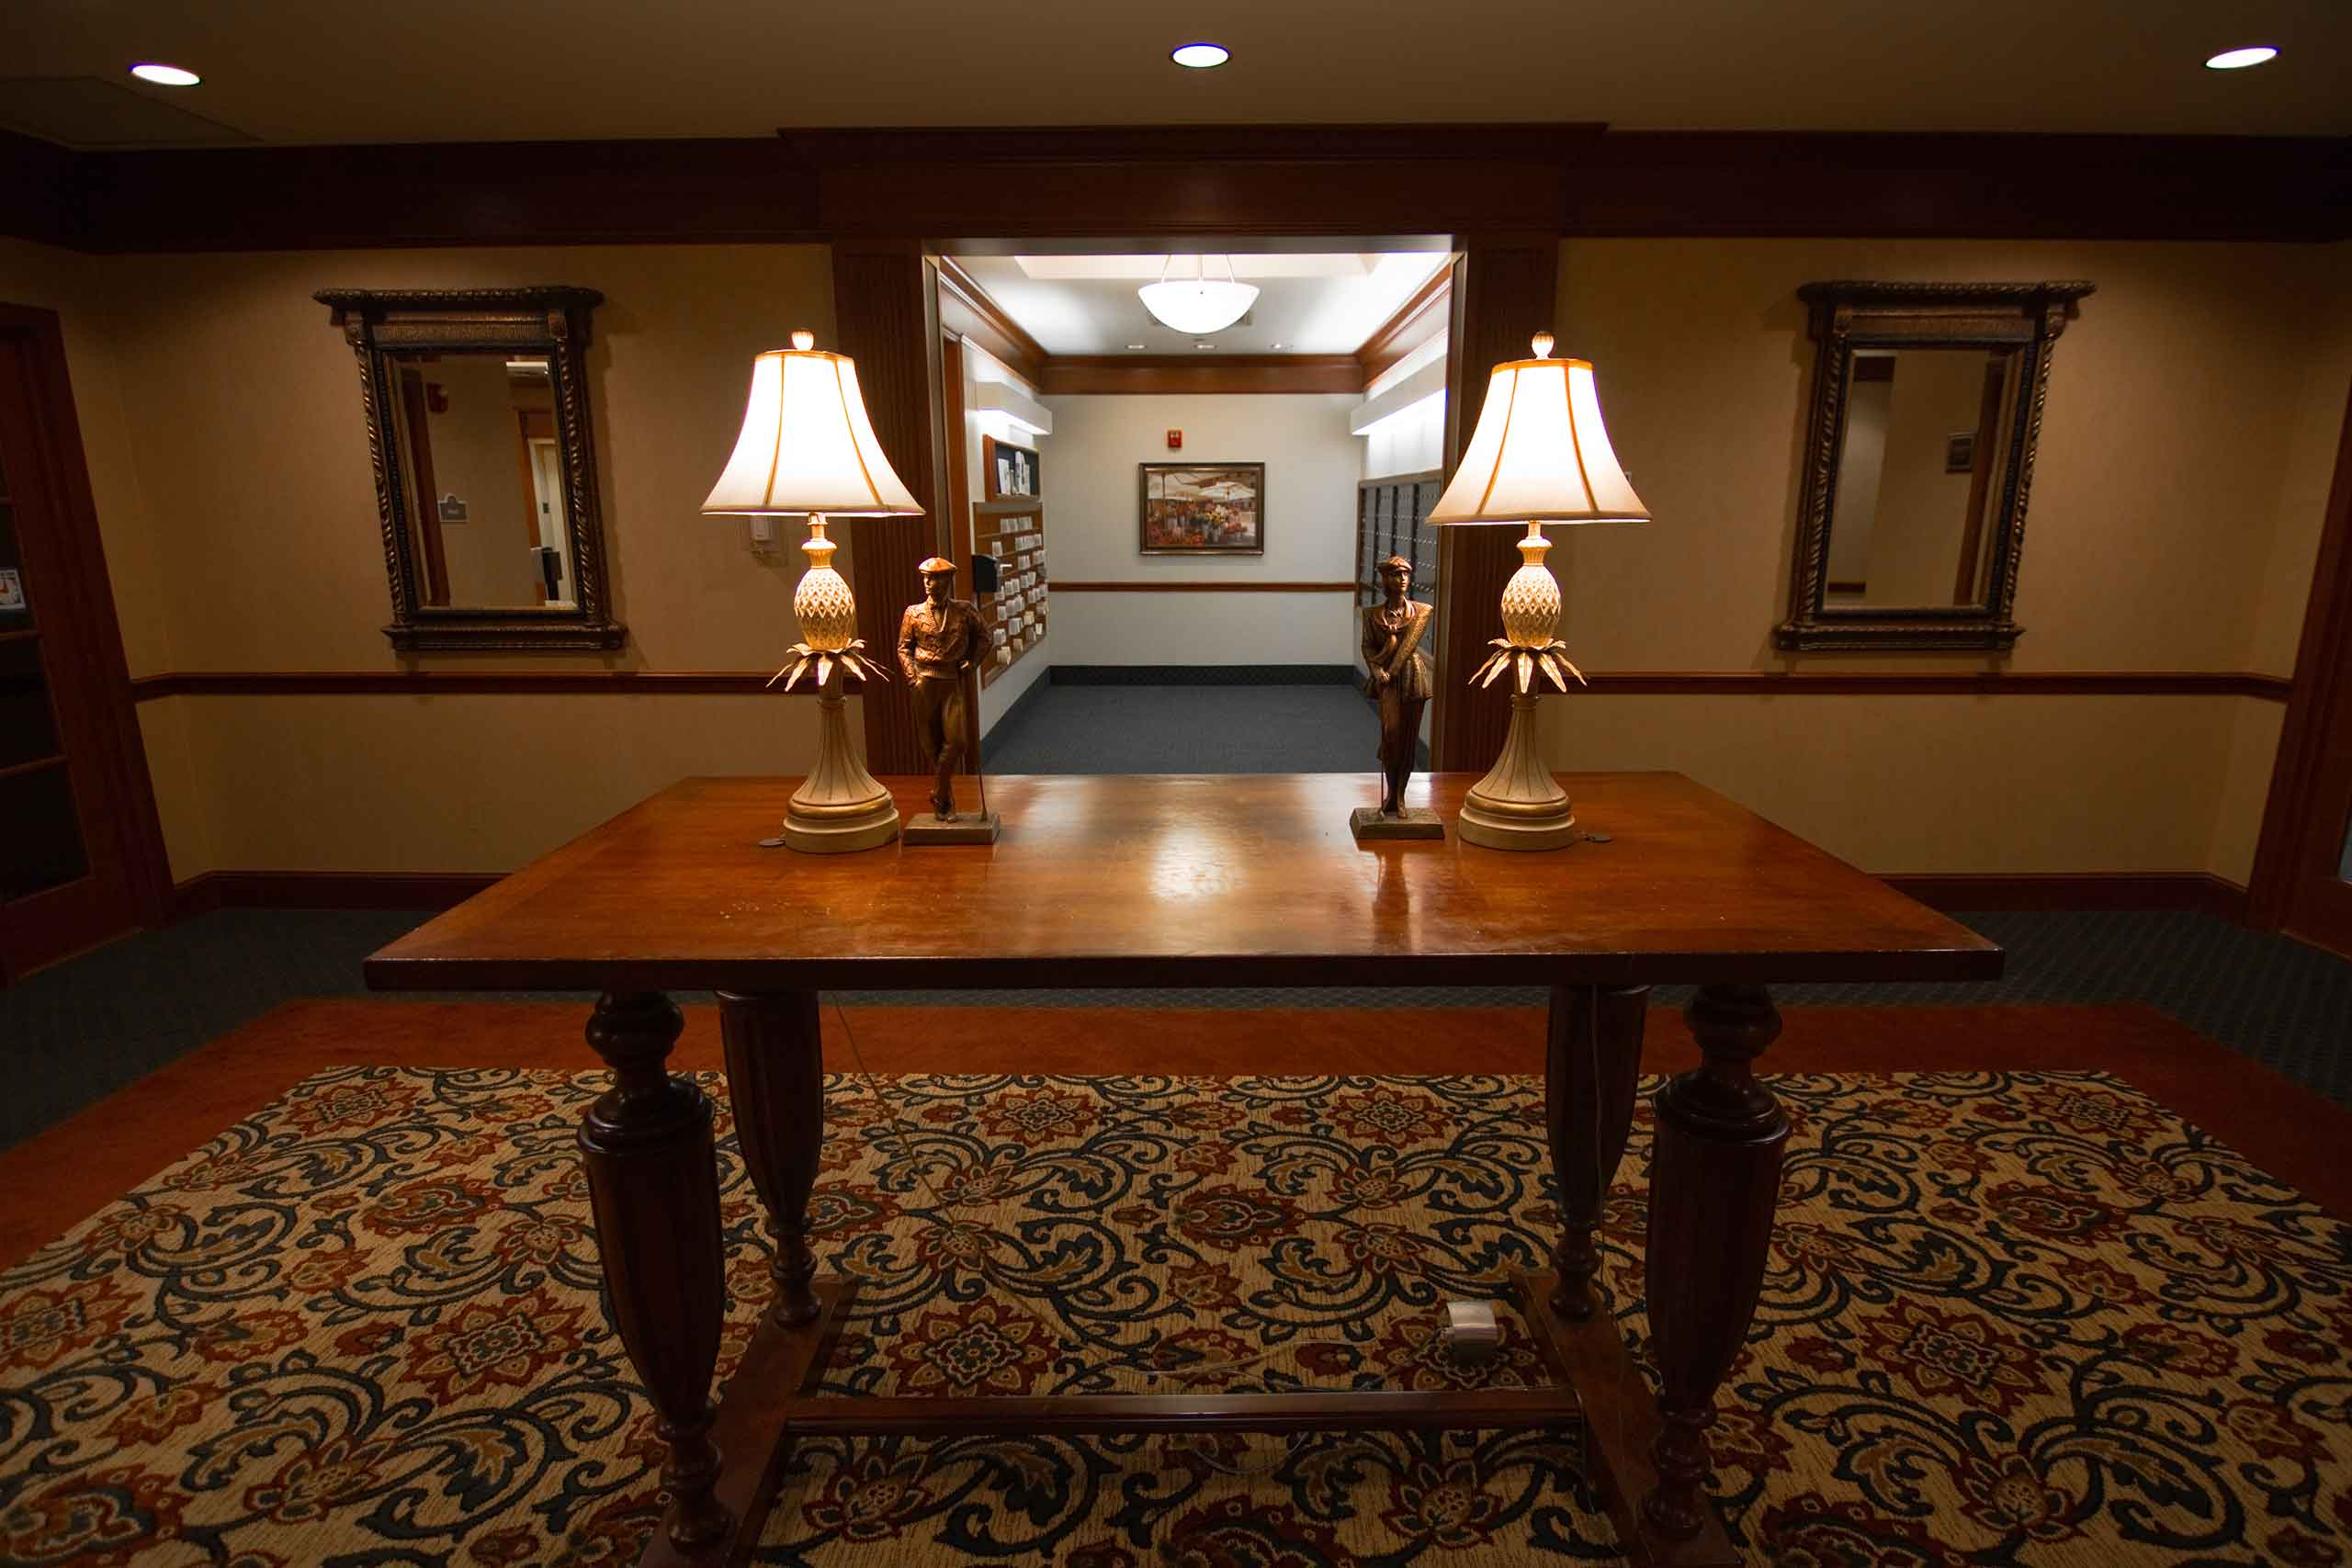 The-Hallmark-of-Creve-Coeur-Table